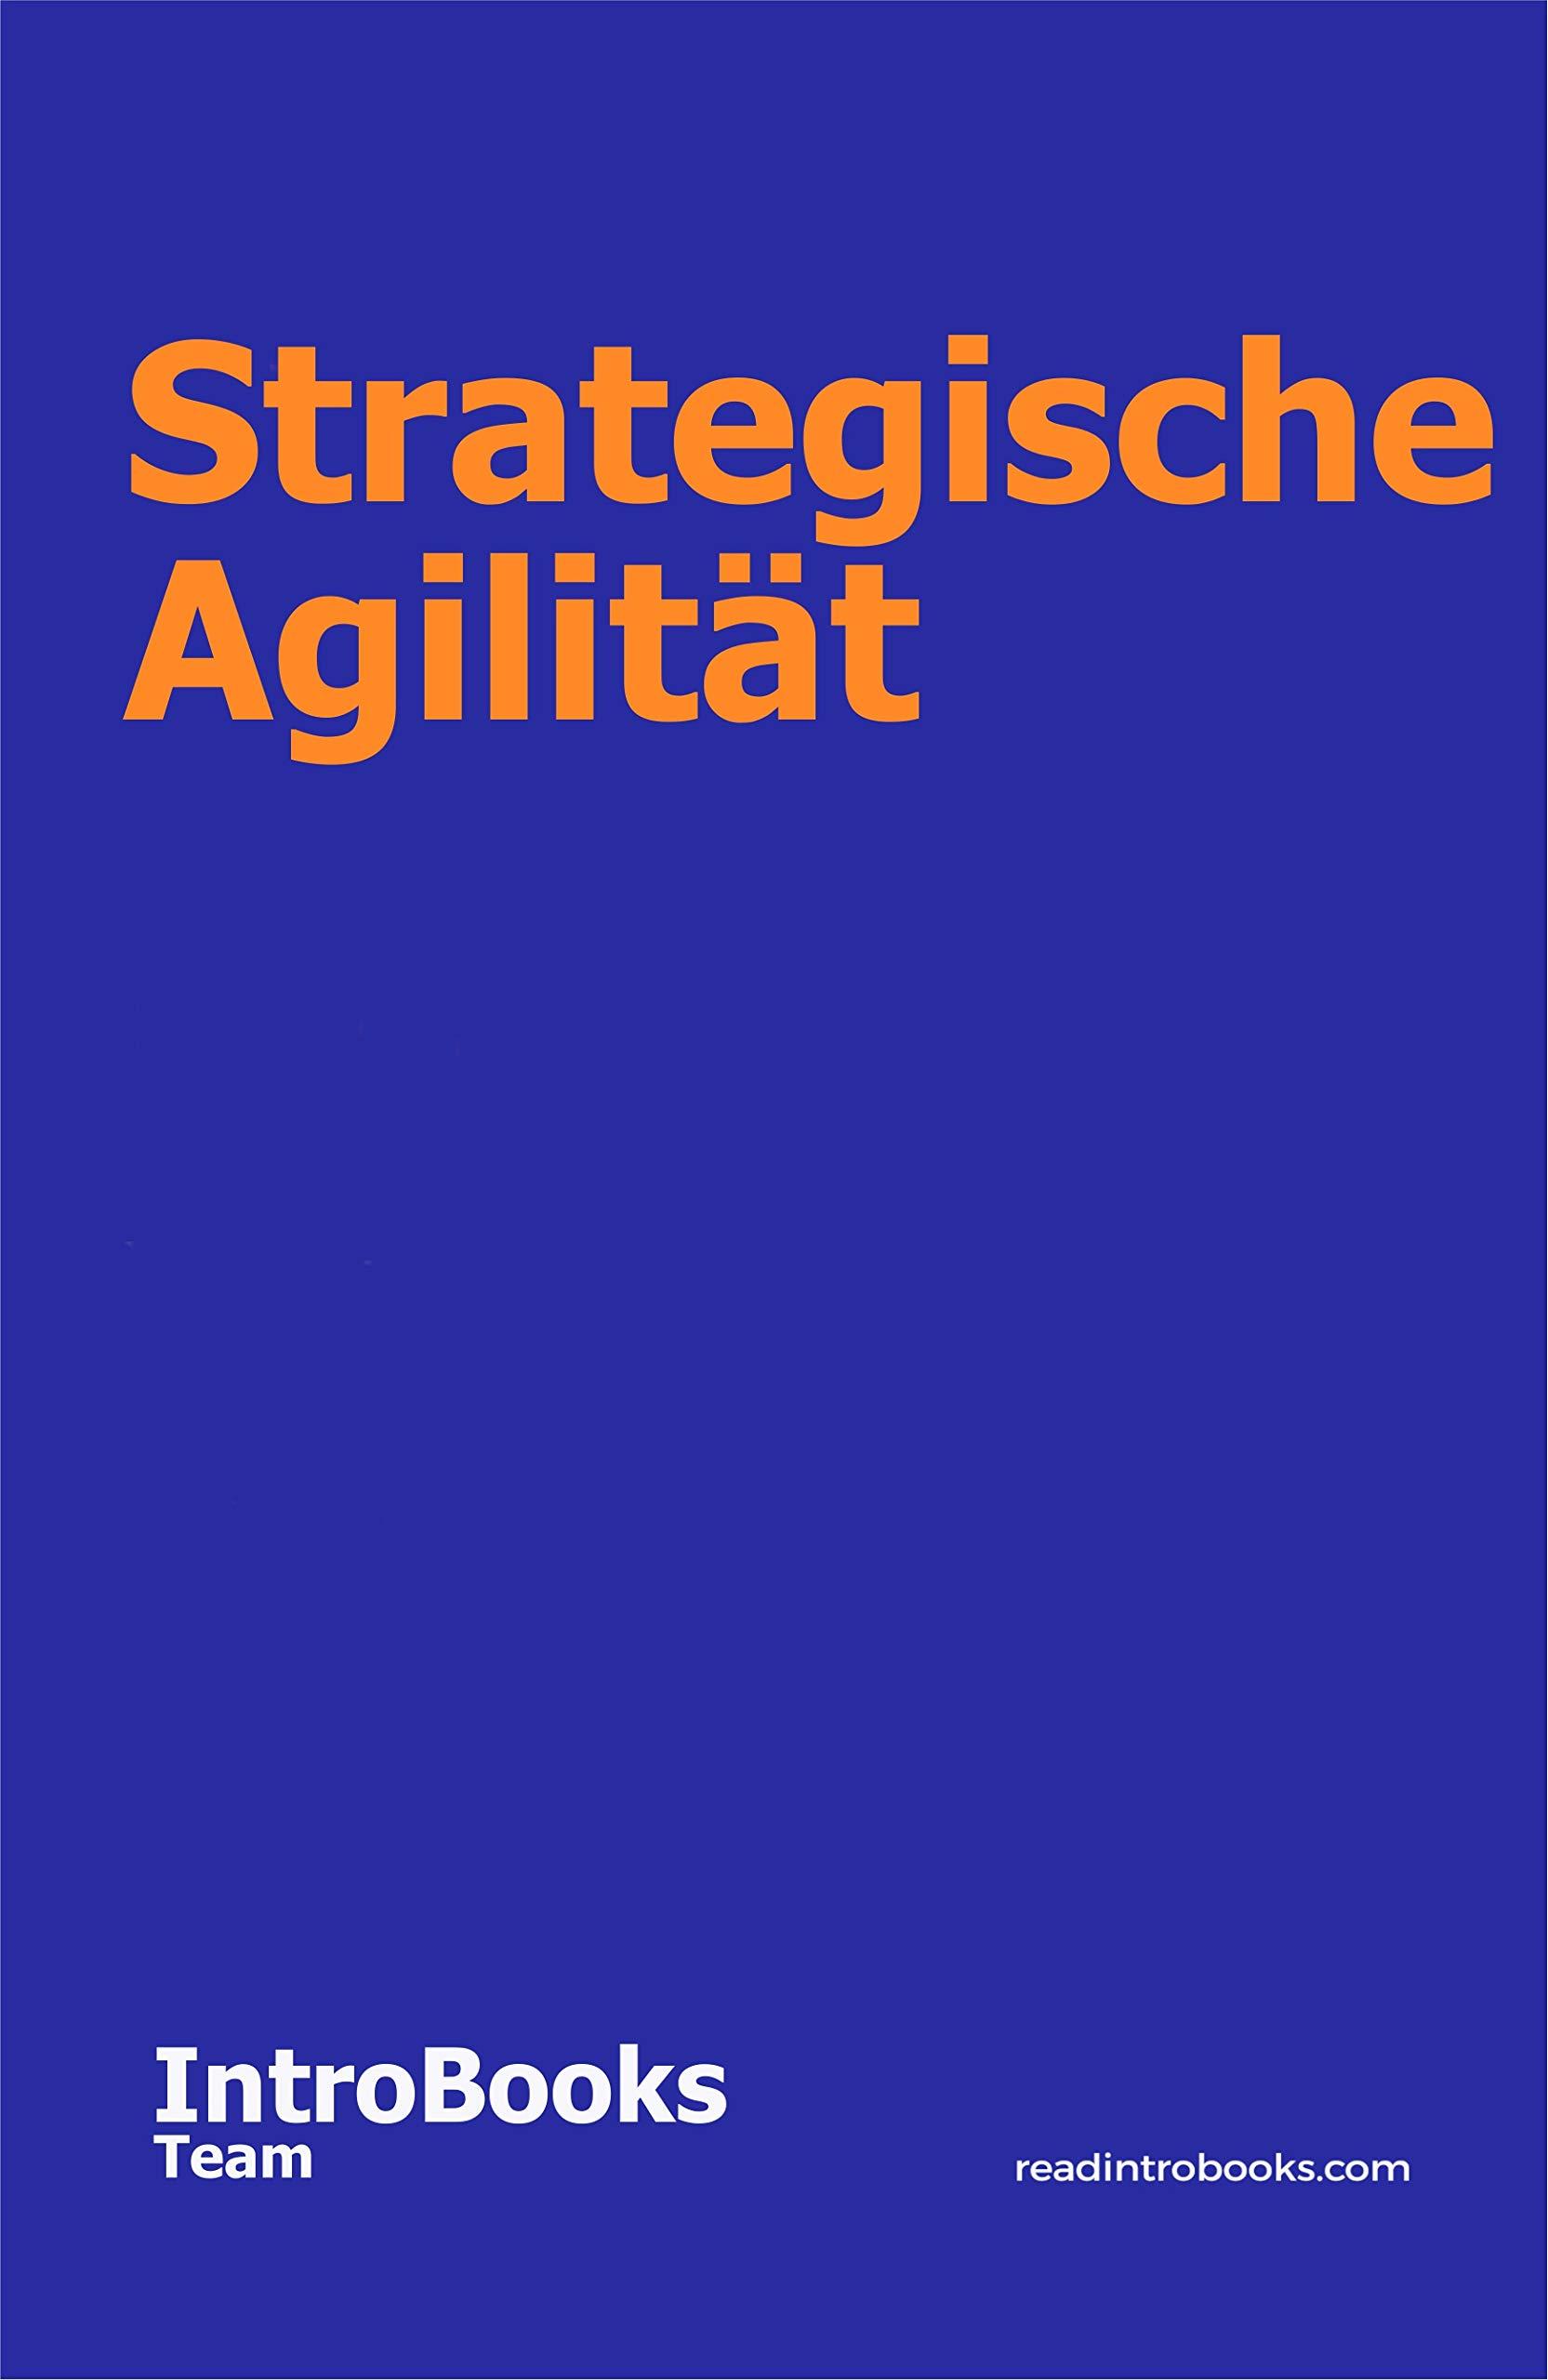 Strategische Agilität (German Edition)